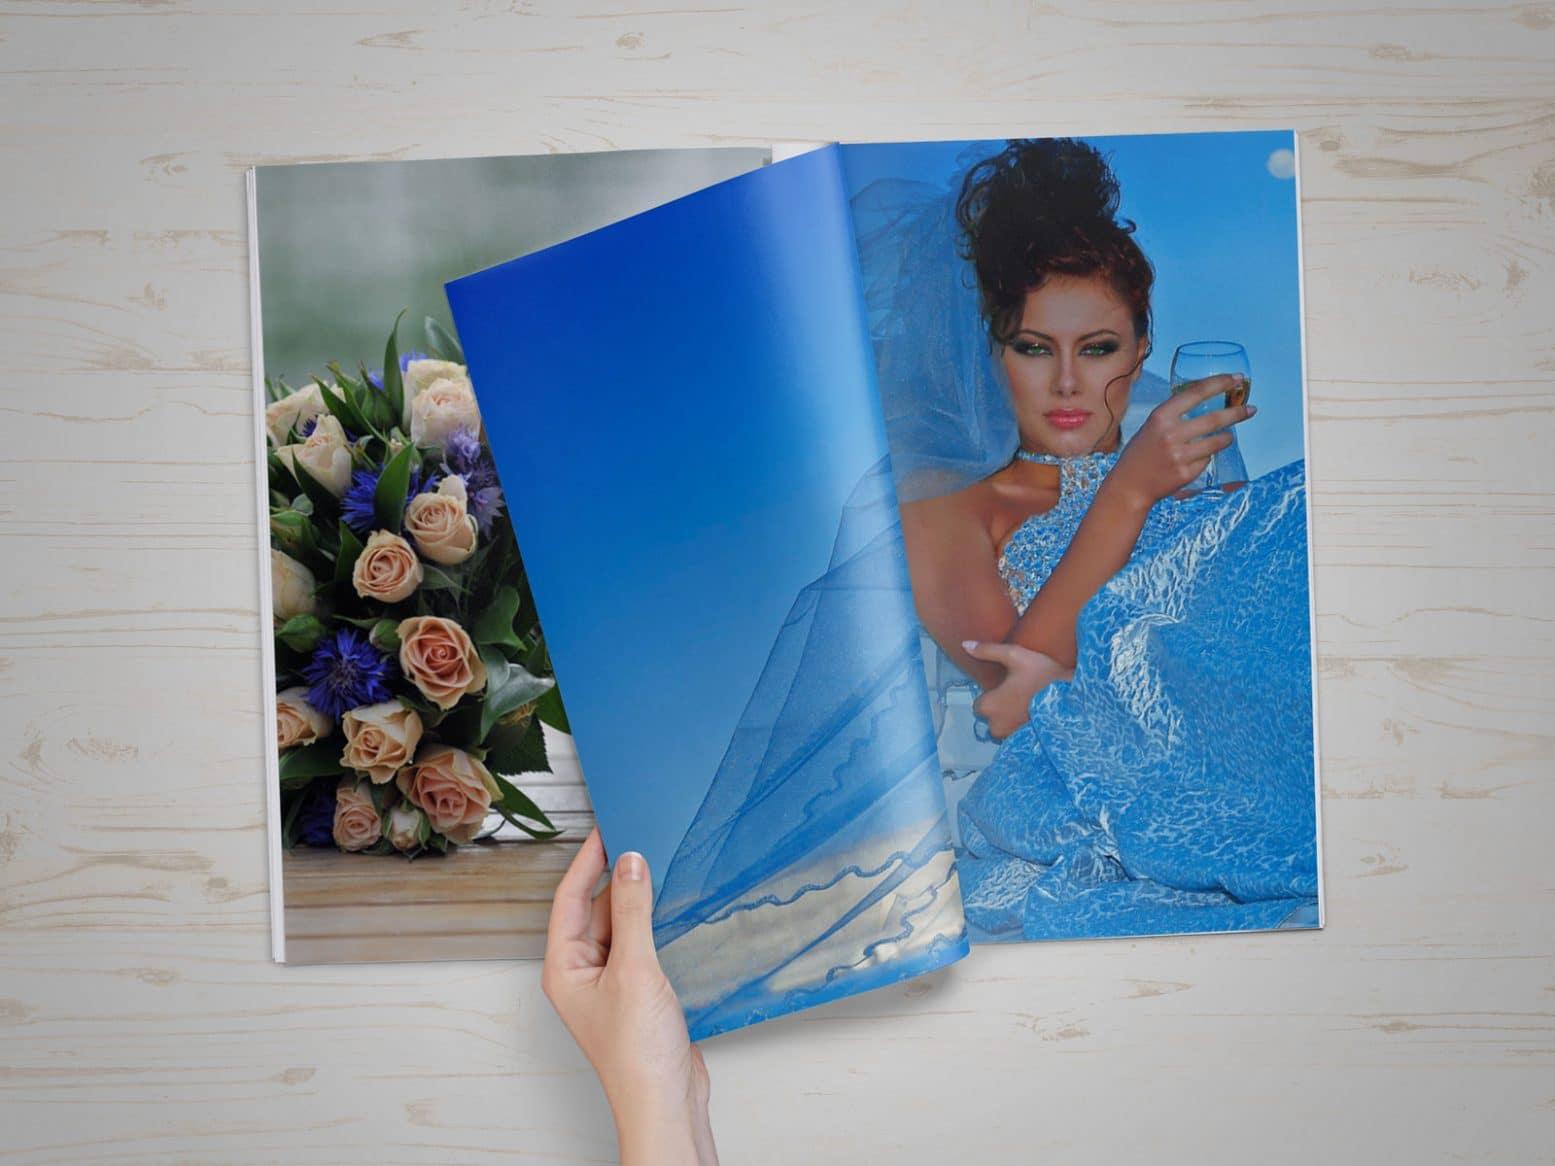 свадьба на синем фоне